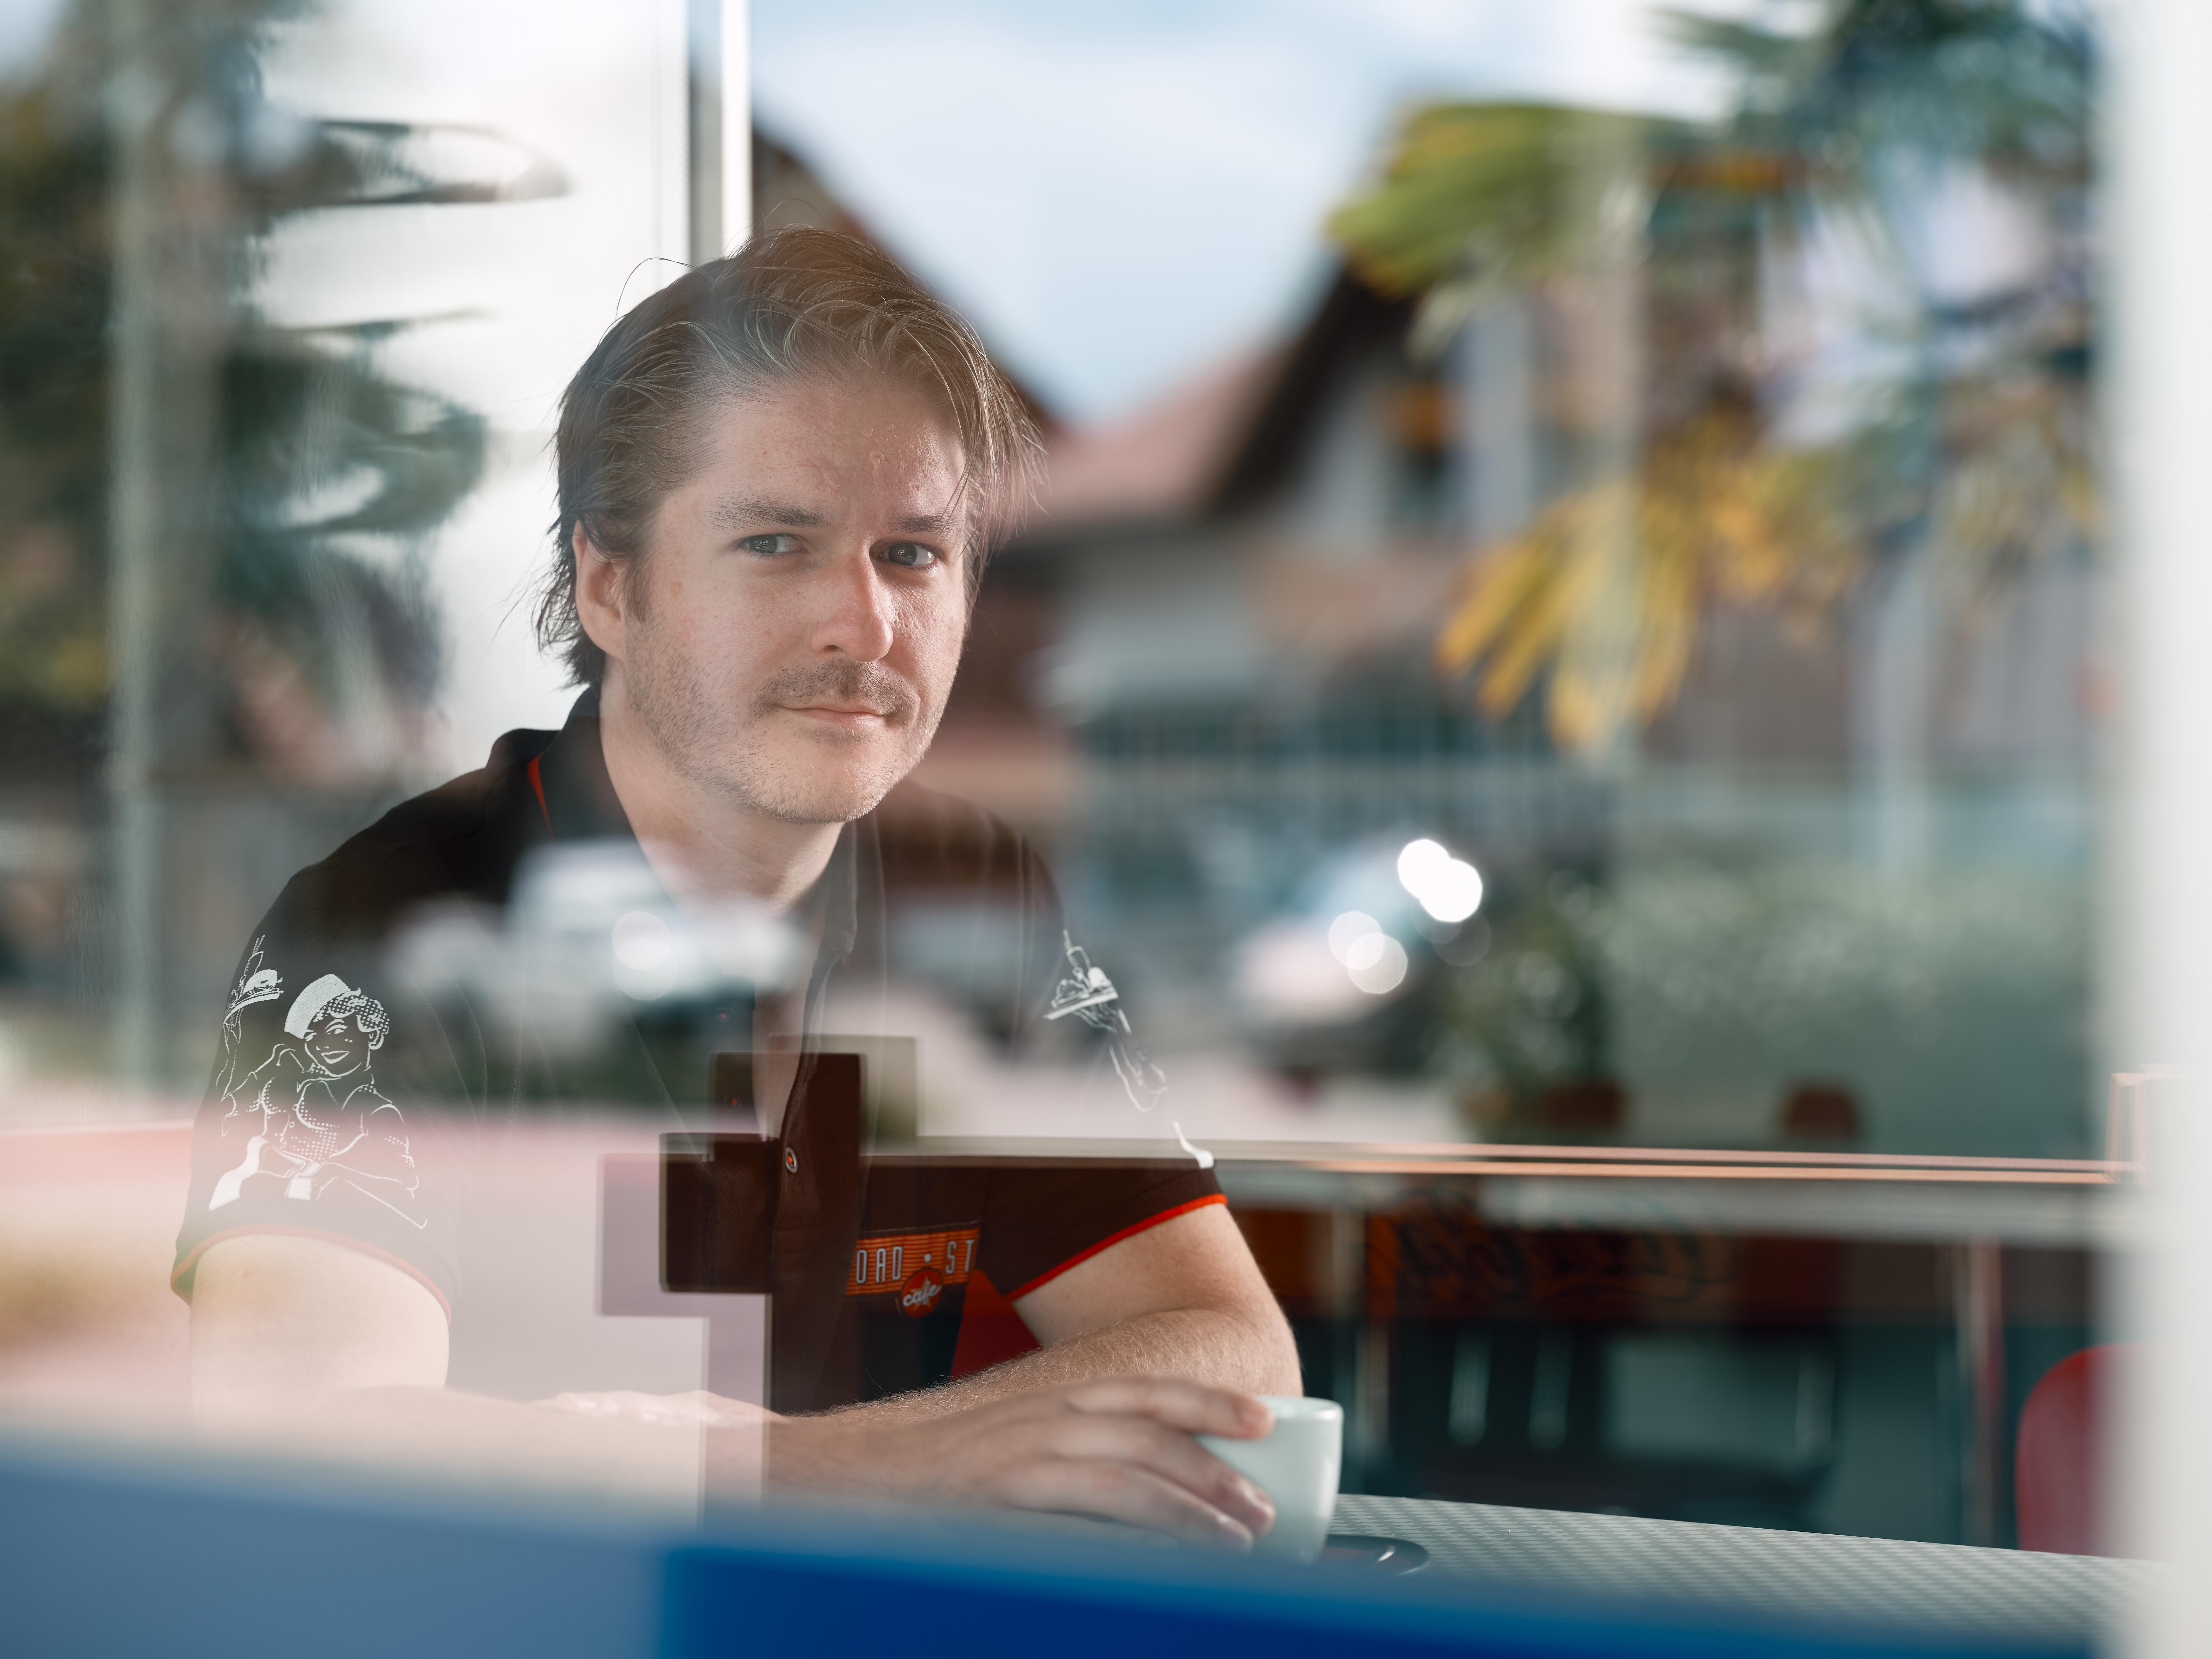 sagt Tobias Hubacher, Mitinhaber des Road Stop Cafes, sitzt dankdenklich bei einer Tasse Cafe an einem der Tische